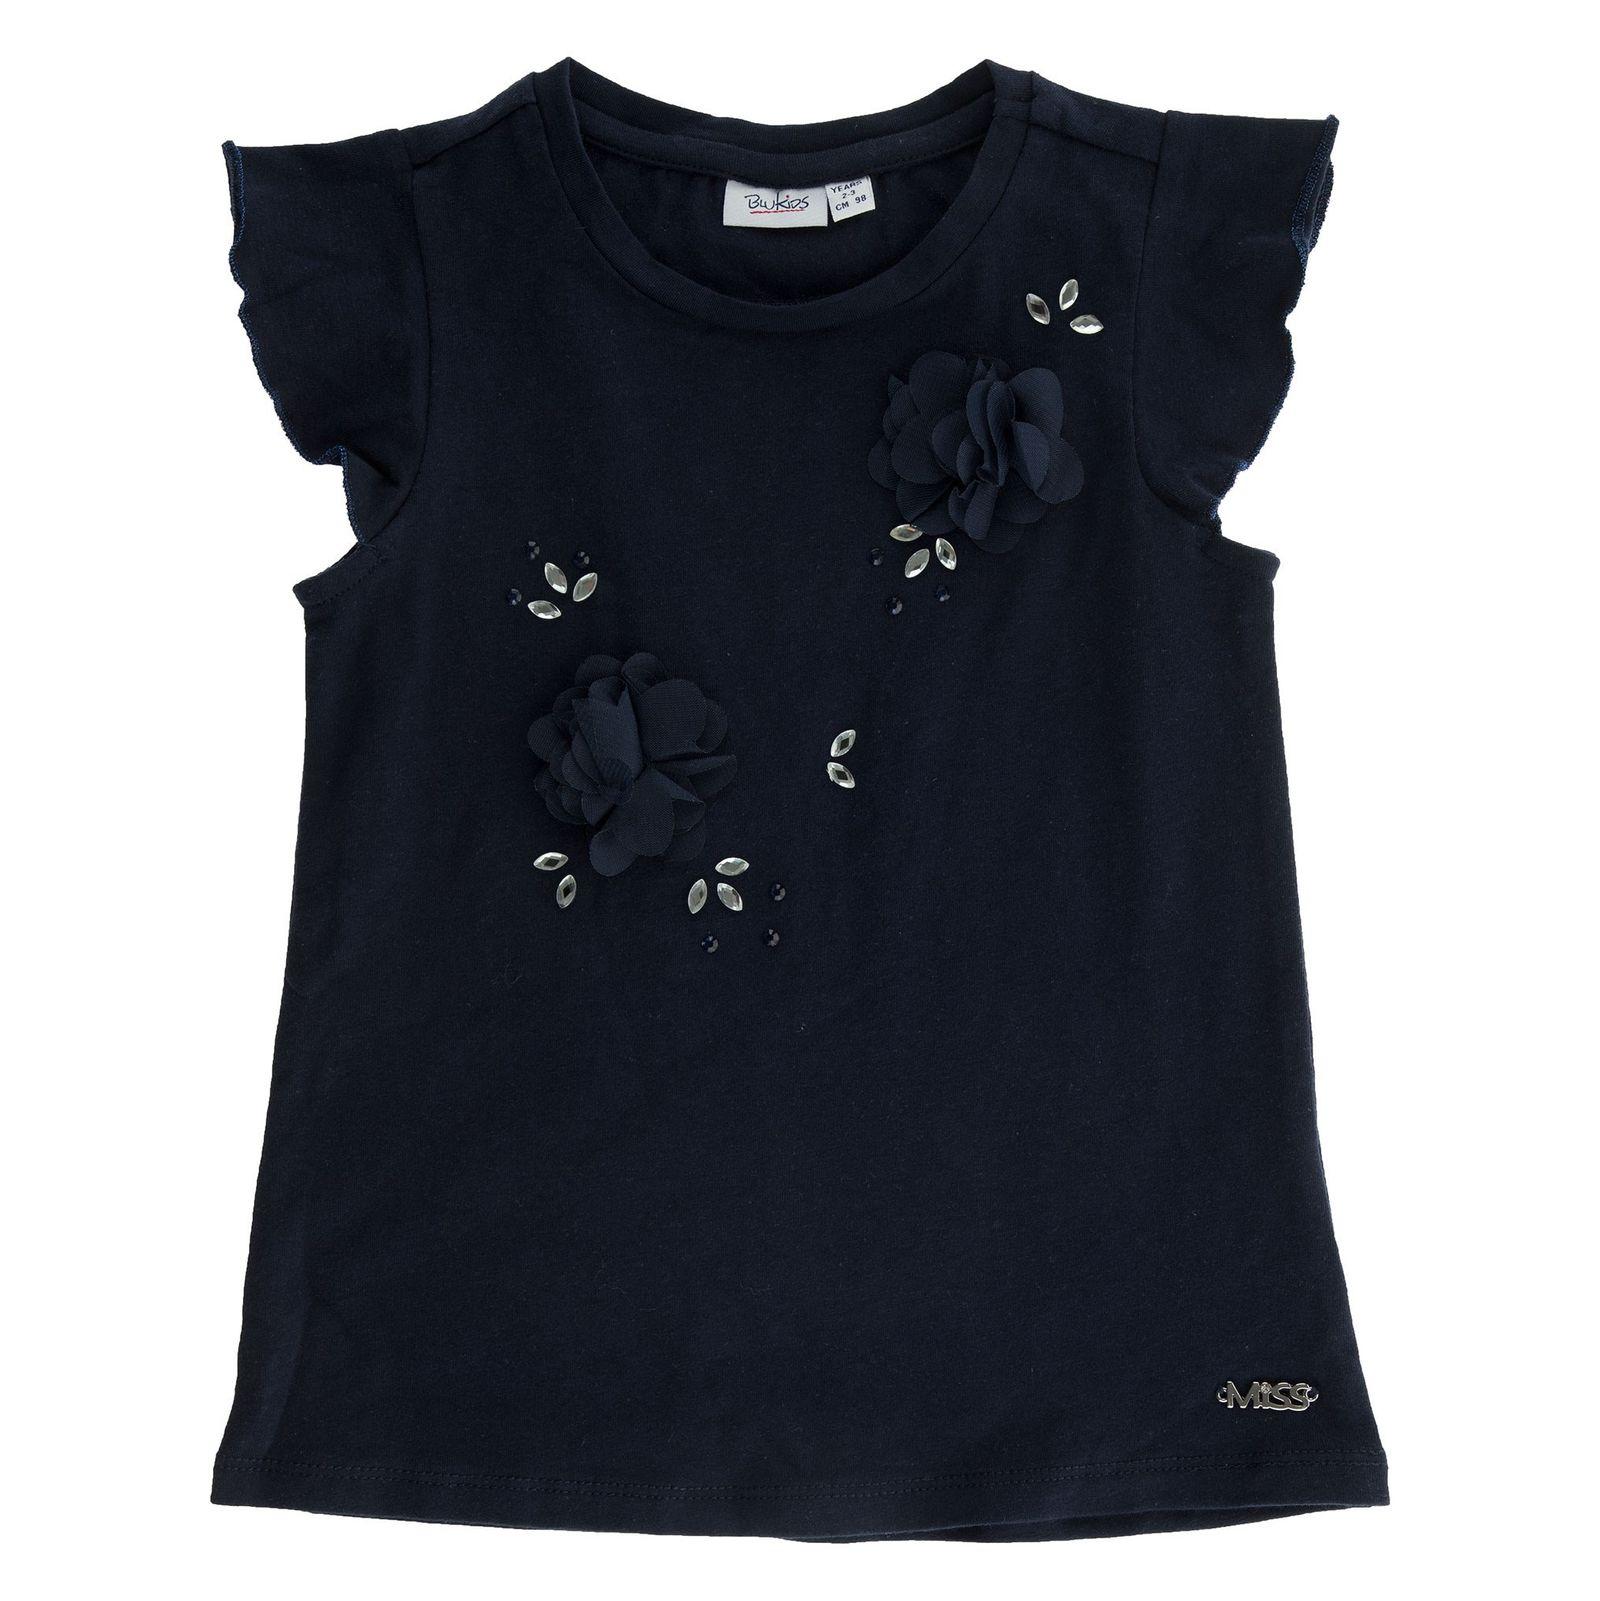 تی شرت نخی یقه گرد دخترانه - بلوکیدز - سرمه اي - 1